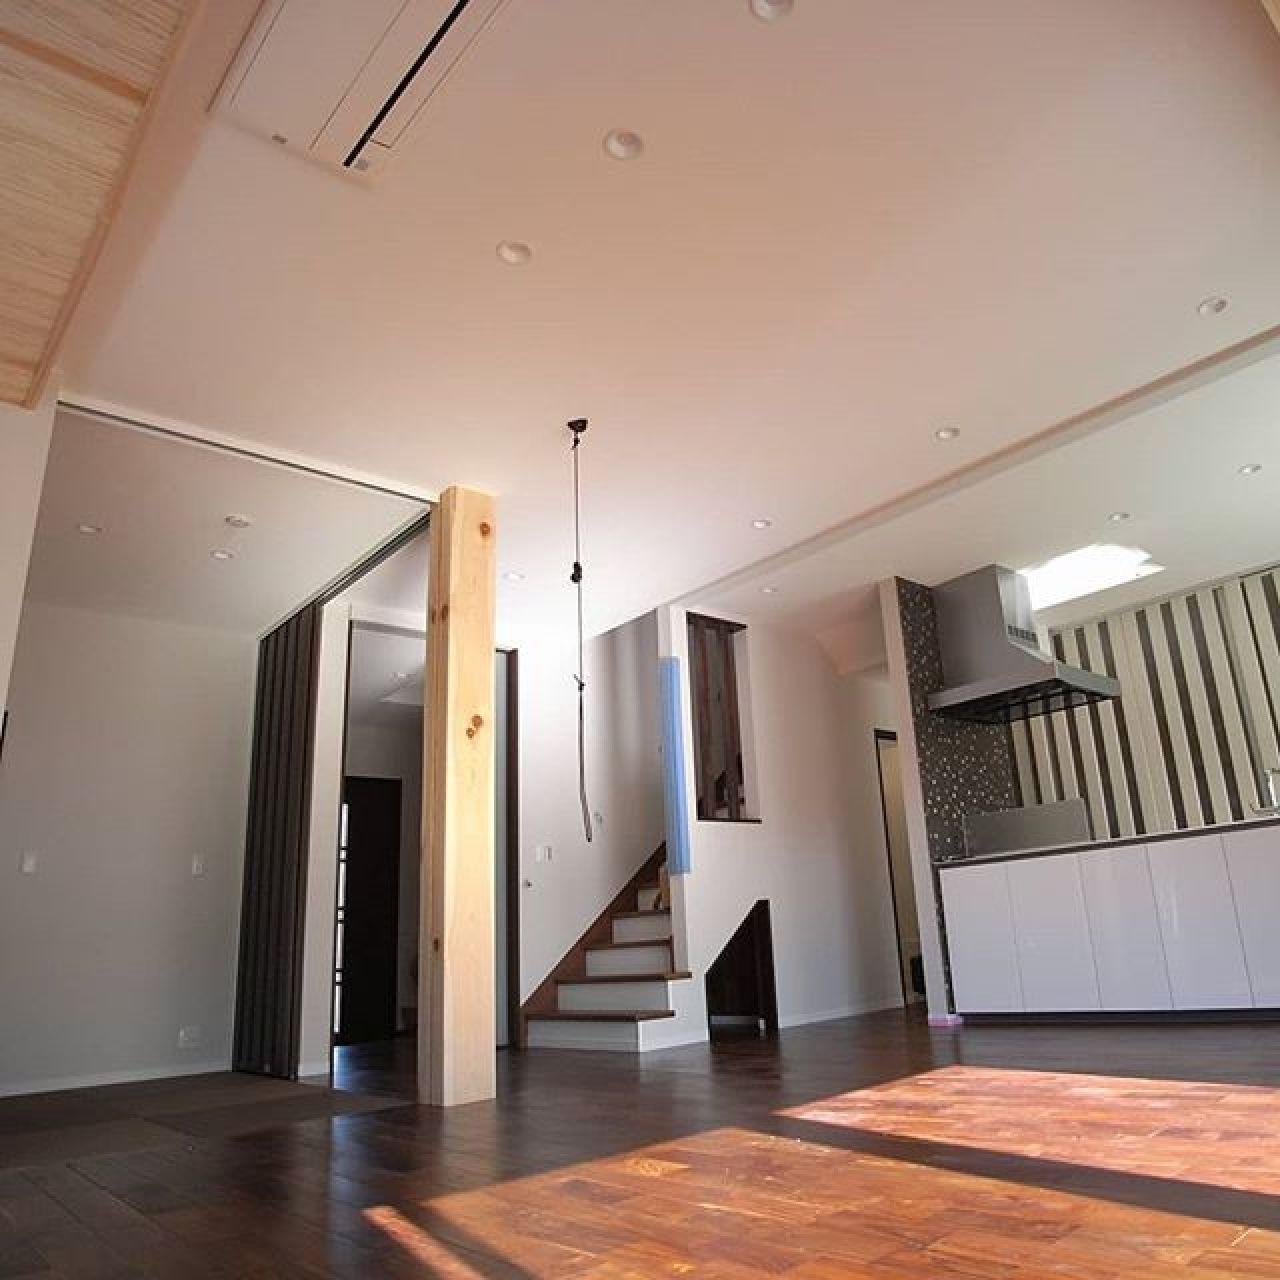 左サイドに大黒柱と畳コーナー。その右となりに玄関ホールからの入口ドア。どちらも天井に迫る大きくて背の高い特注建具。#大黒柱#畳コーナー #天井エアコン #ブラックウォールナット #crasso #クラッソ #アイランドキッチン #広々リビング #高い天井 #大空間 #注文住宅 #自然素材の家